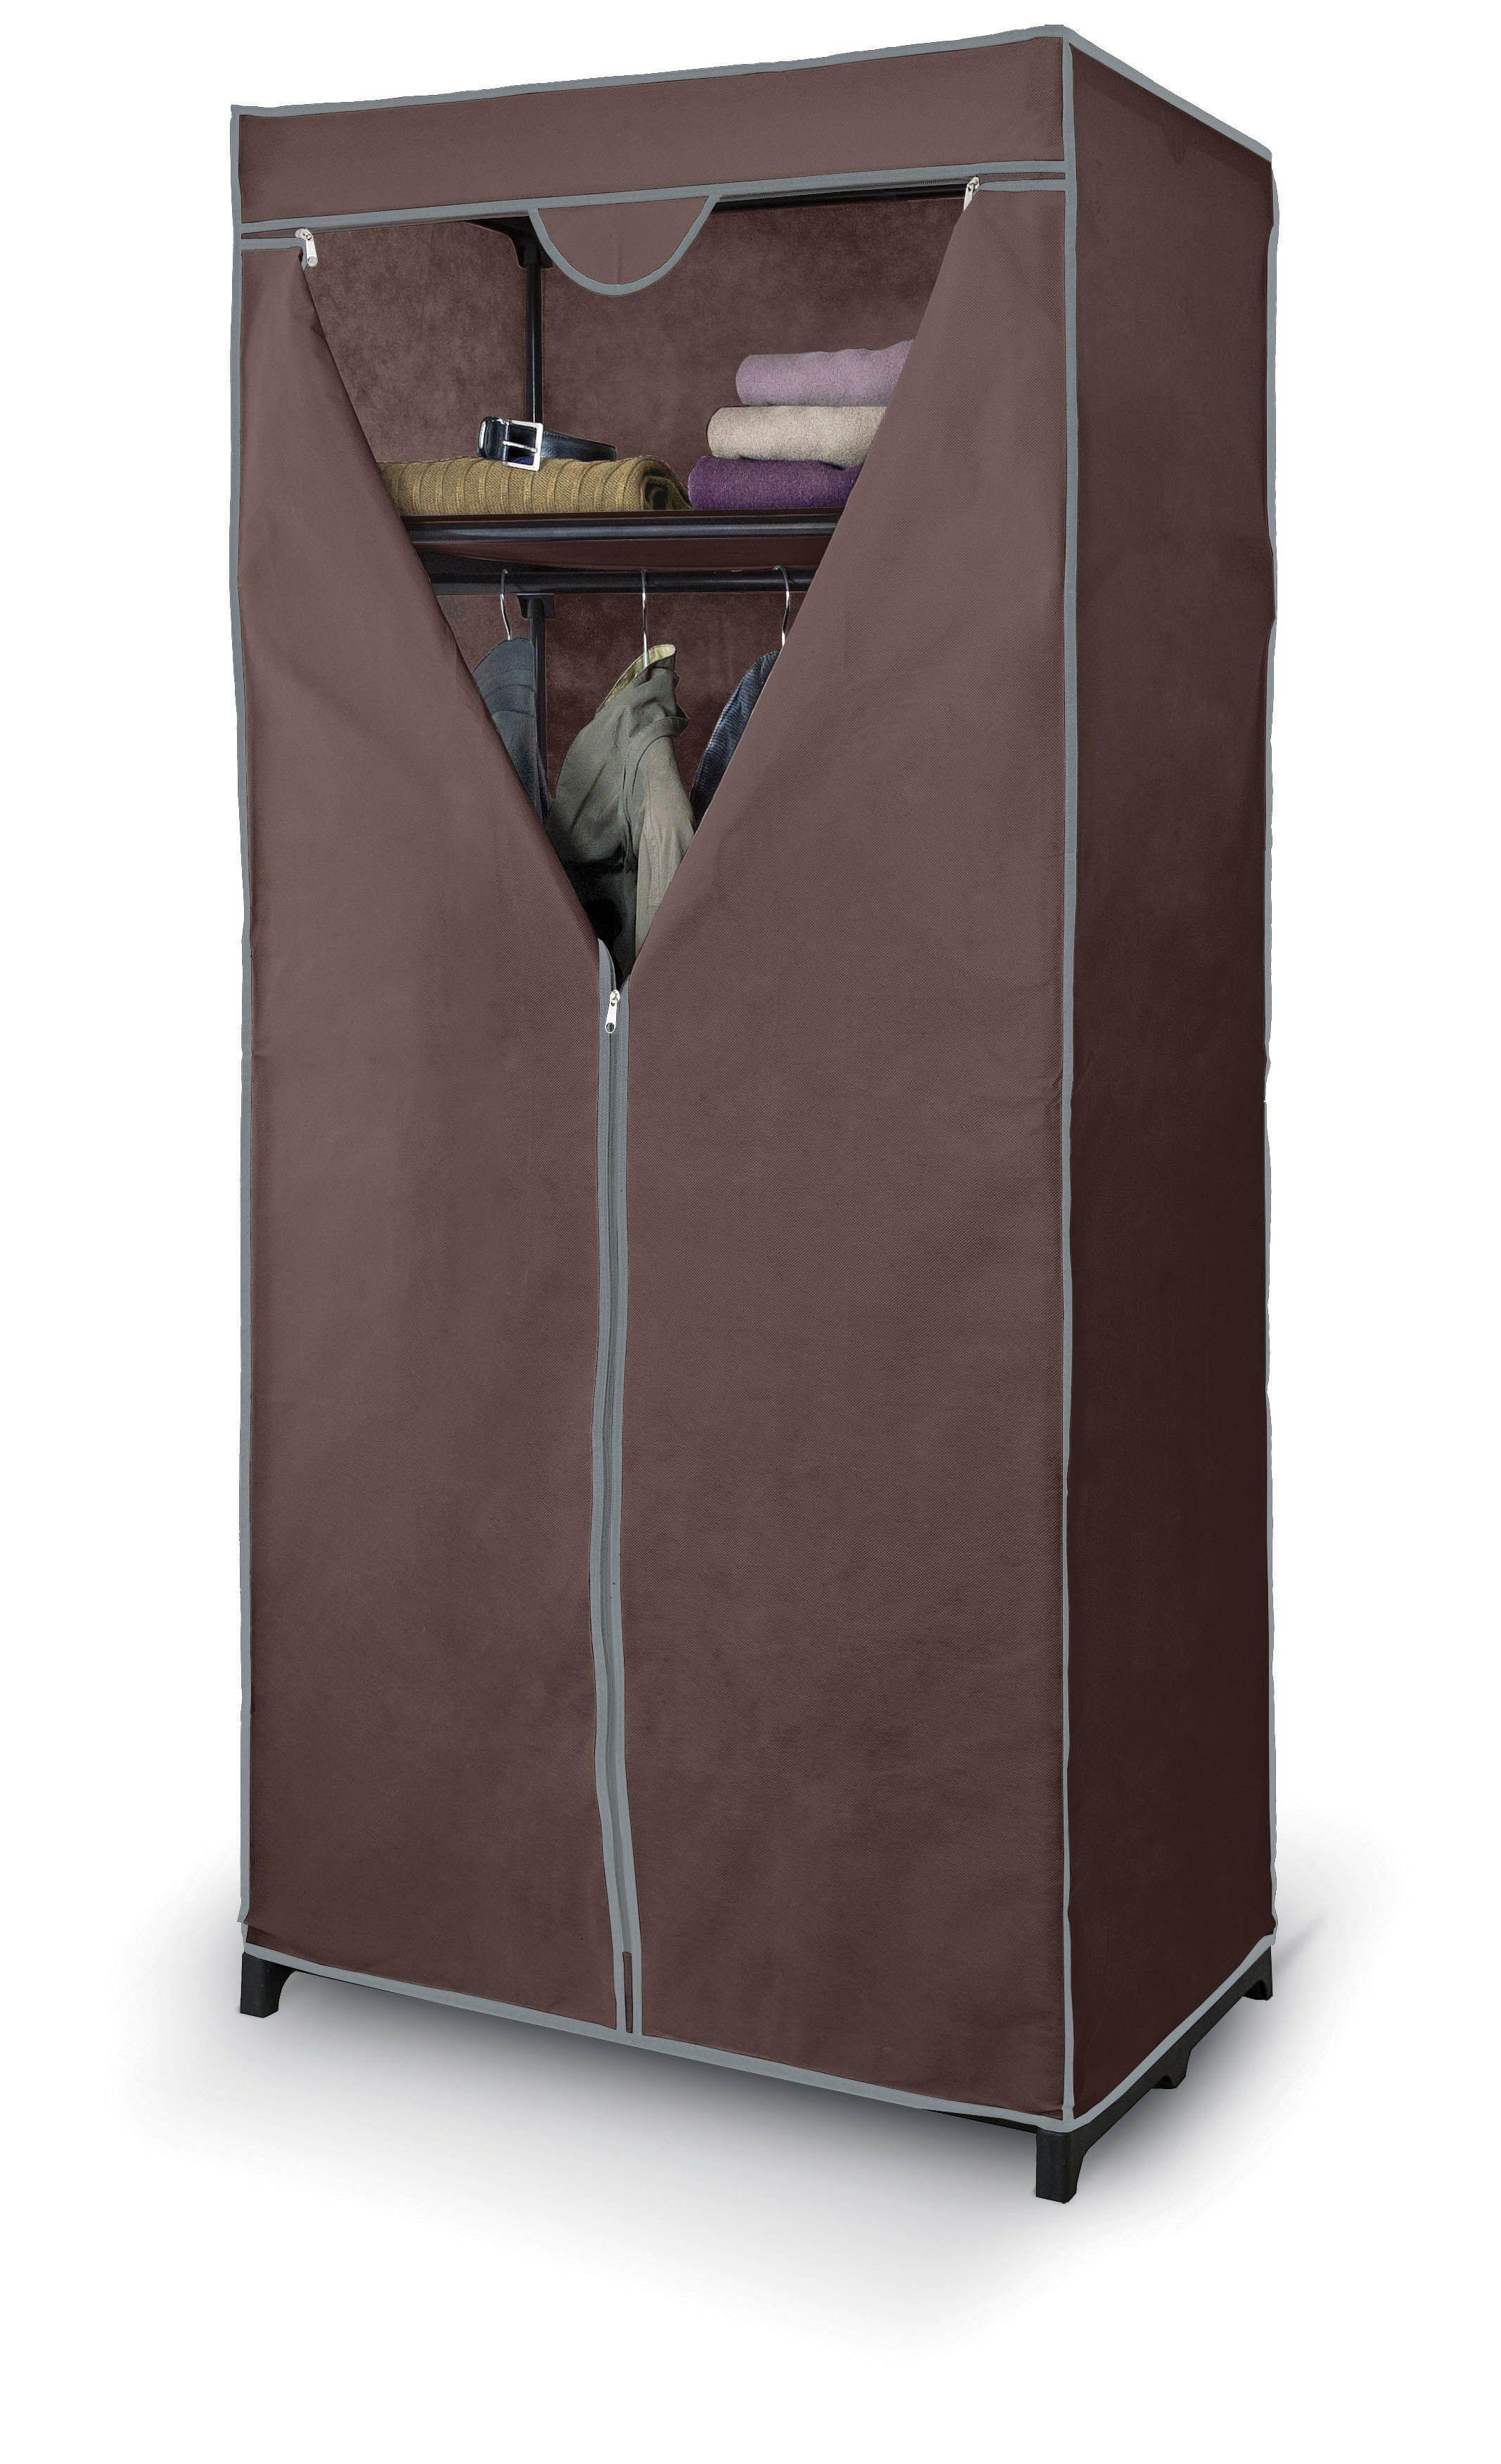 Dulap textil cu fermoar si cadru metalic, Artemis II Maro, l75xA50xH160 cm imagine